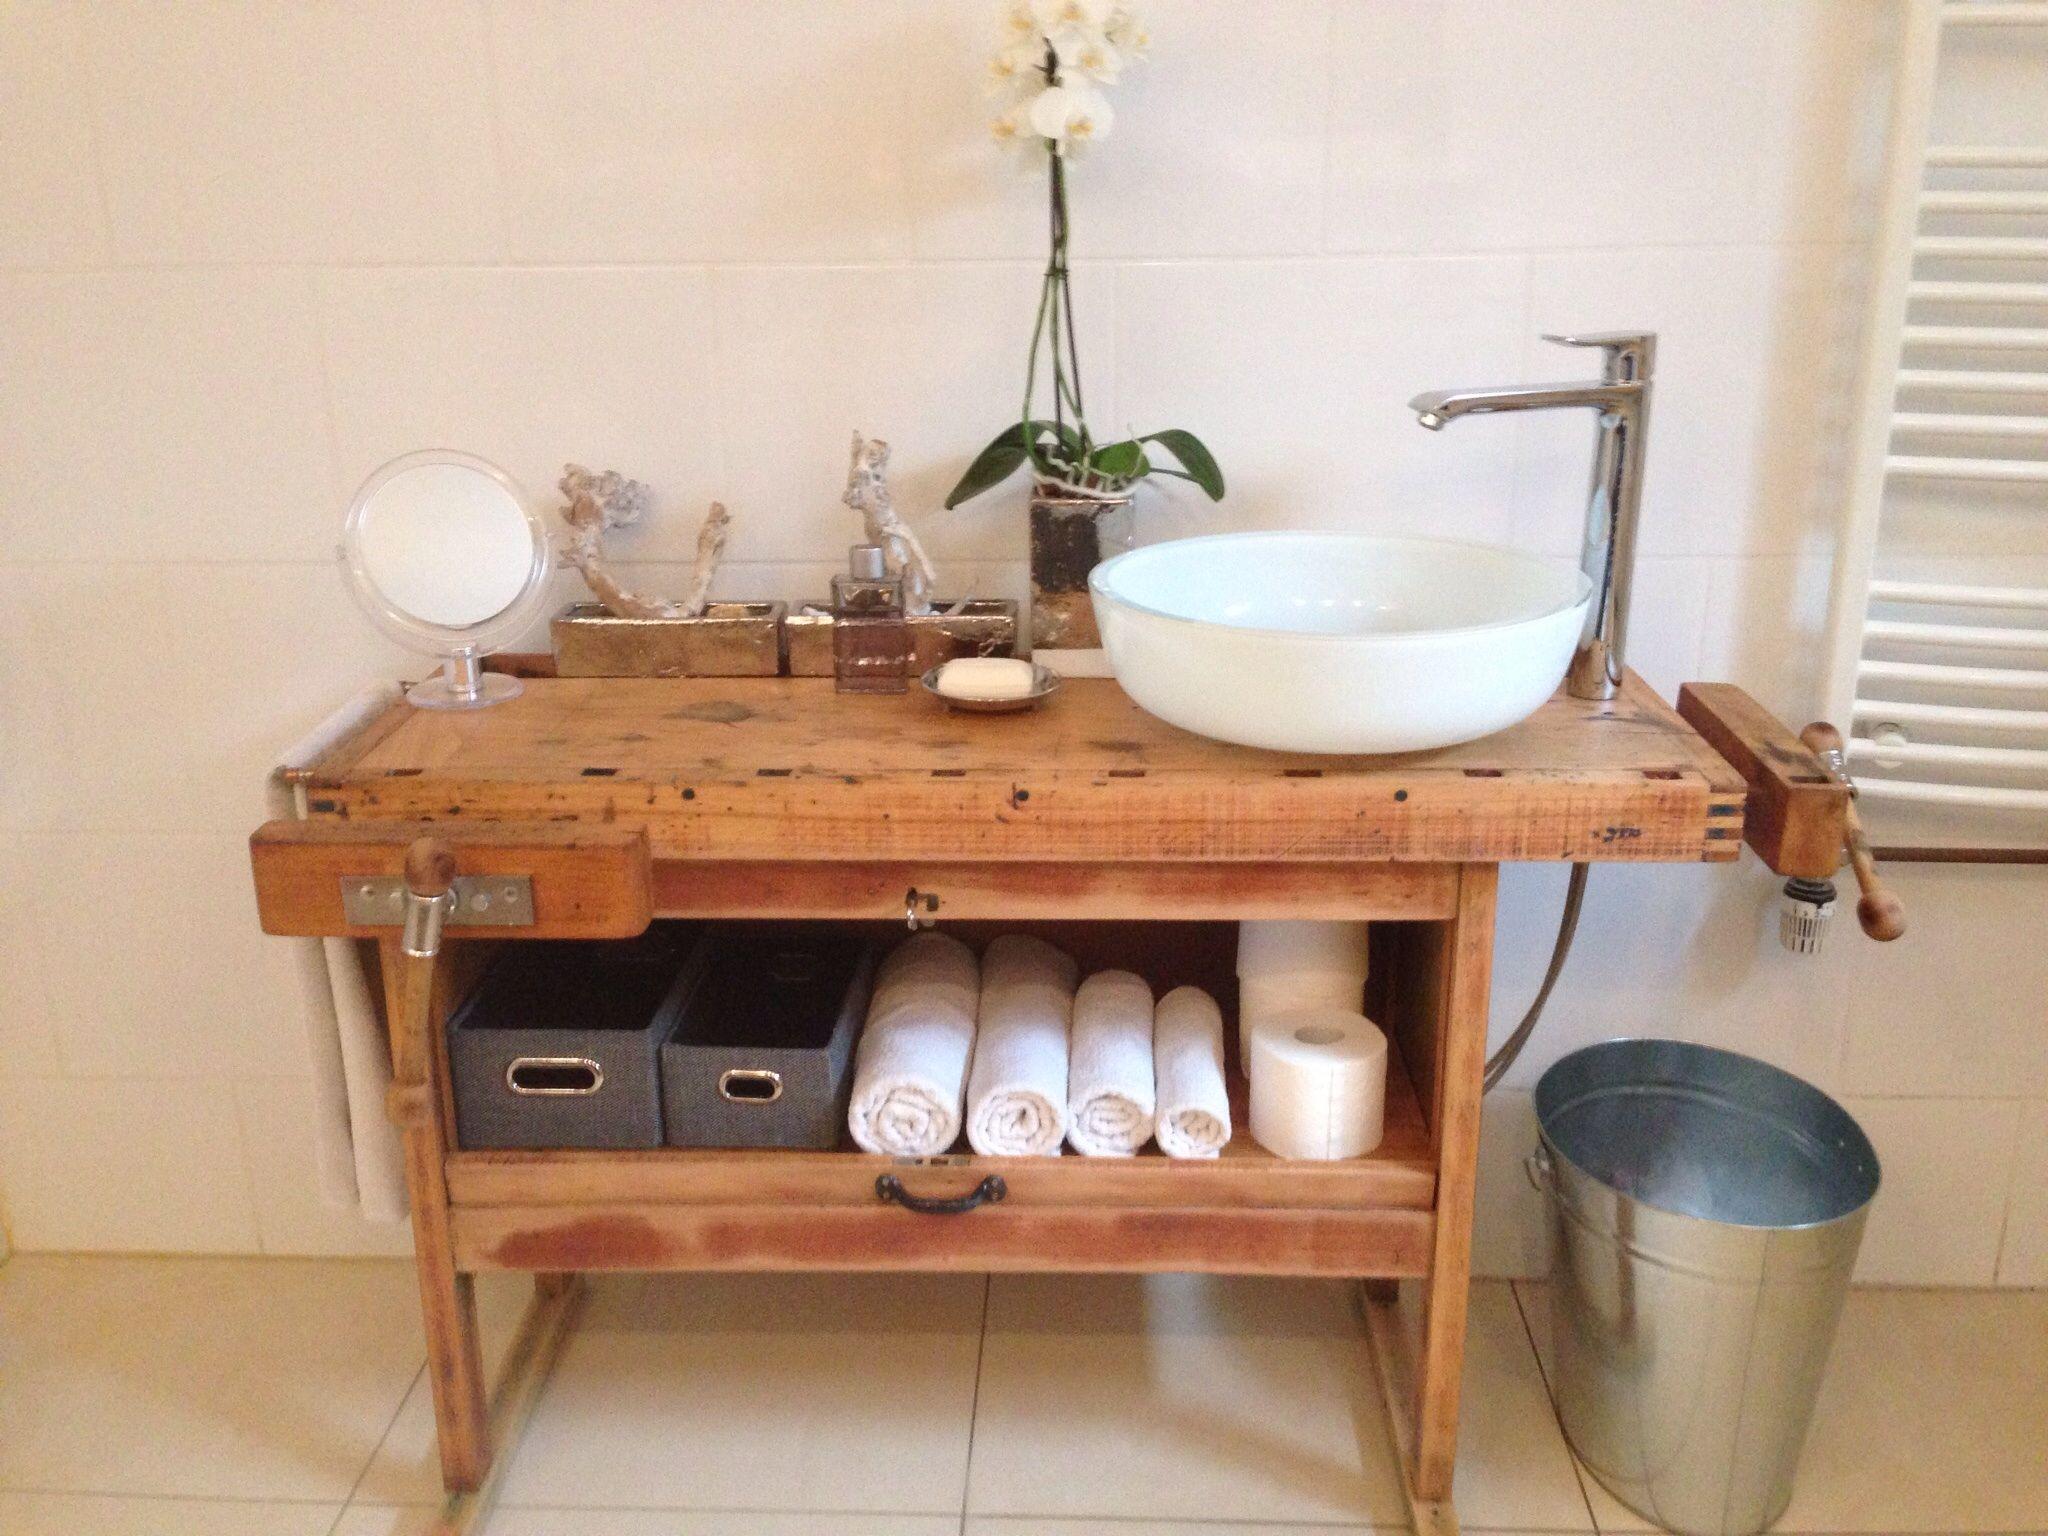 Waschtisch Aus Einer Hobelbank Badezimmer Vintage Landhausstil Design Loft Redesigned By Ben P Nrw Aufsatzwaschtisch Waschtisch Waschtisch Holz